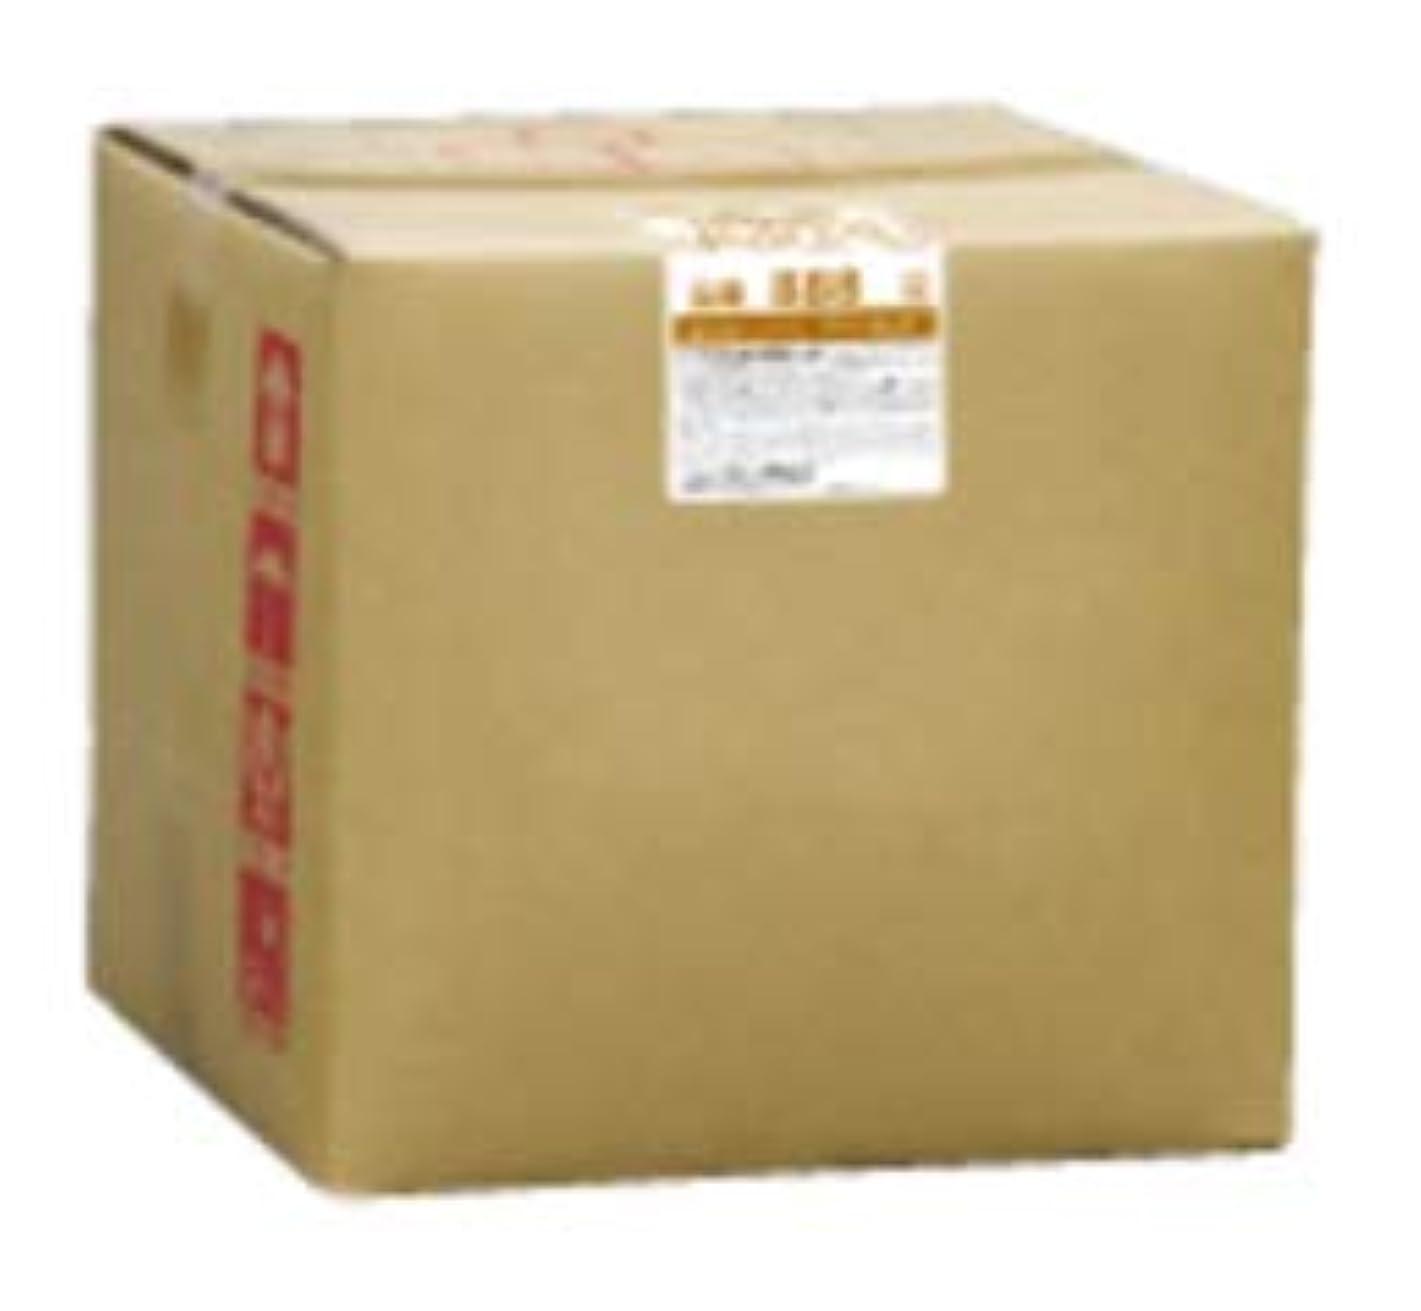 再開露高くフタバ化学 スパジアス ボディソープ 18L 詰め替え 800ml専用空容器付 黒糖と蜂蜜